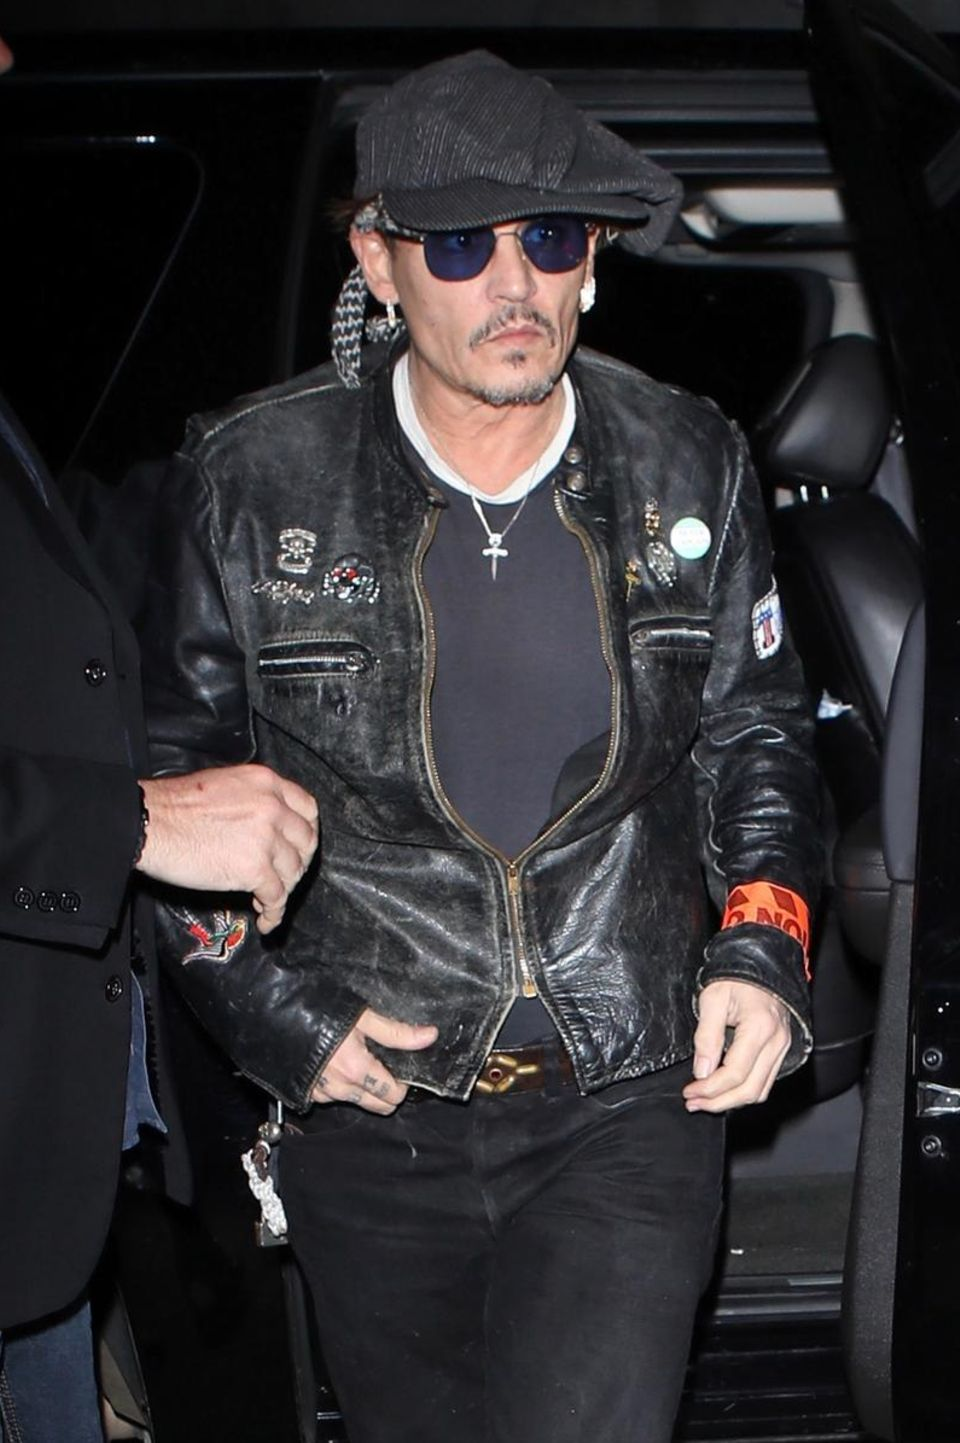 Johnny Depp am 28. März 2017 bei seiner Ankunft auf dem Geburtstag von Lady Gaga in Los Angeles